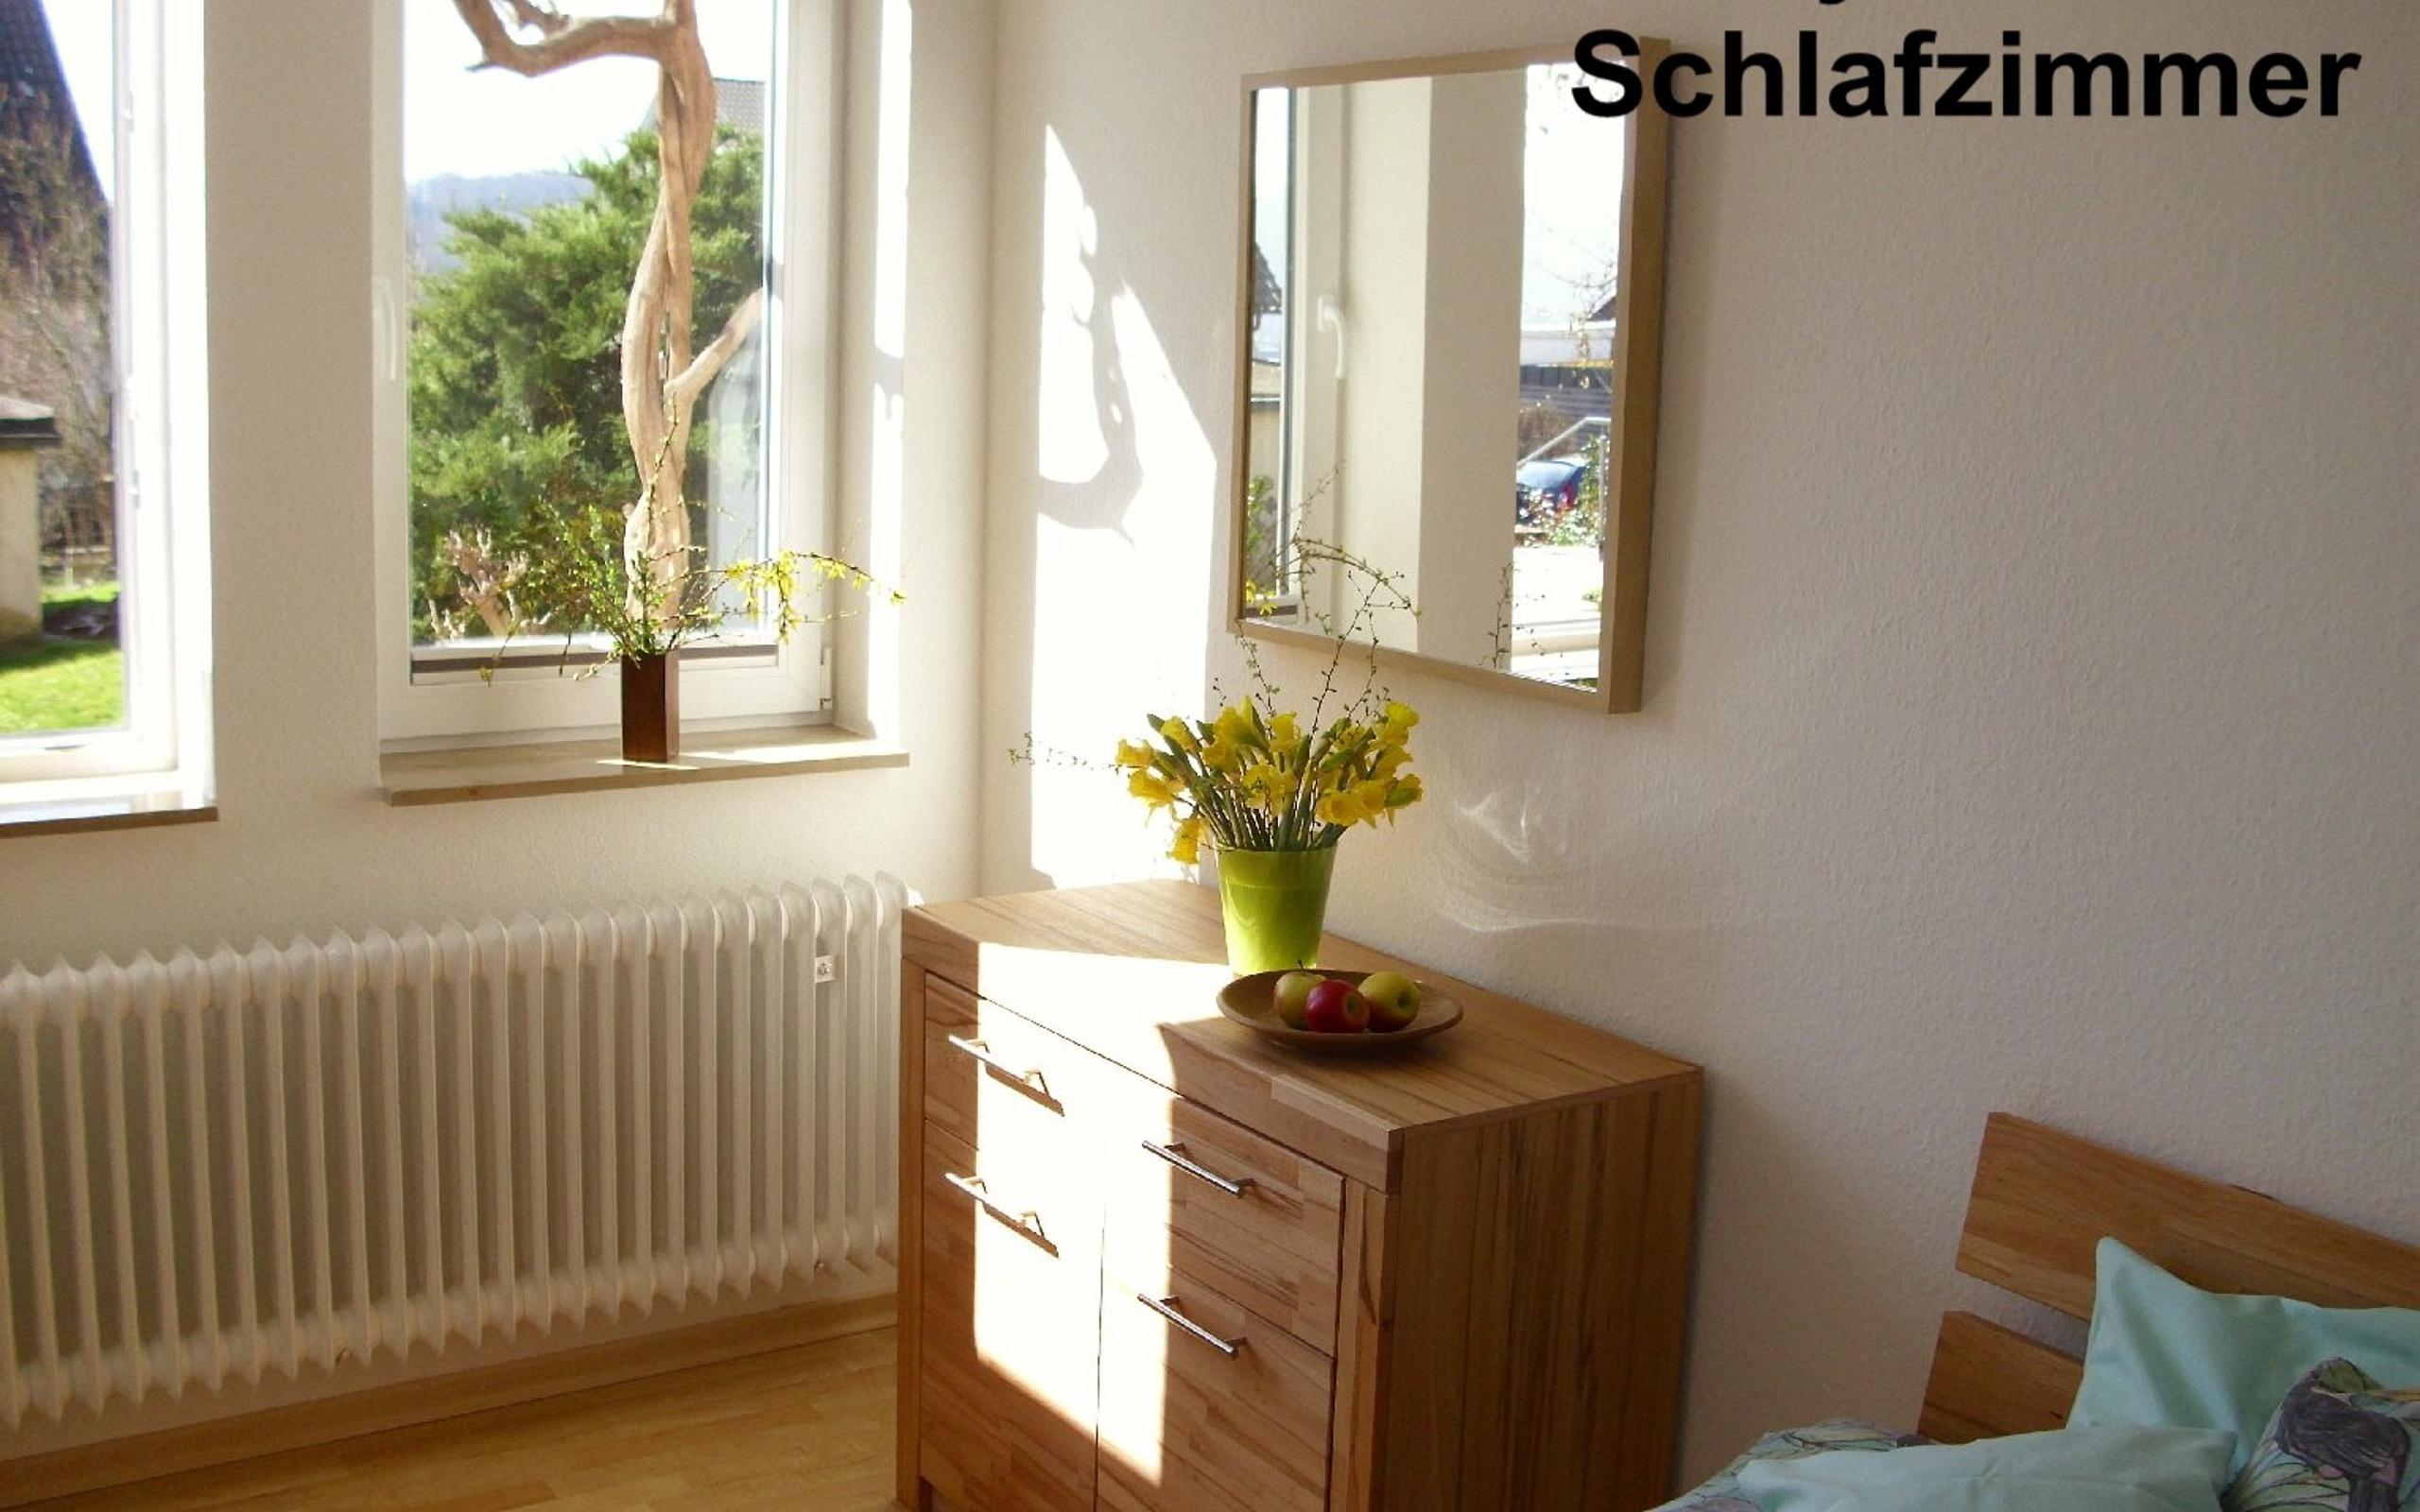 2-Zimmerferienwohnung mit Küche, Dusche/WC, TV, Sonnenterrasse ...